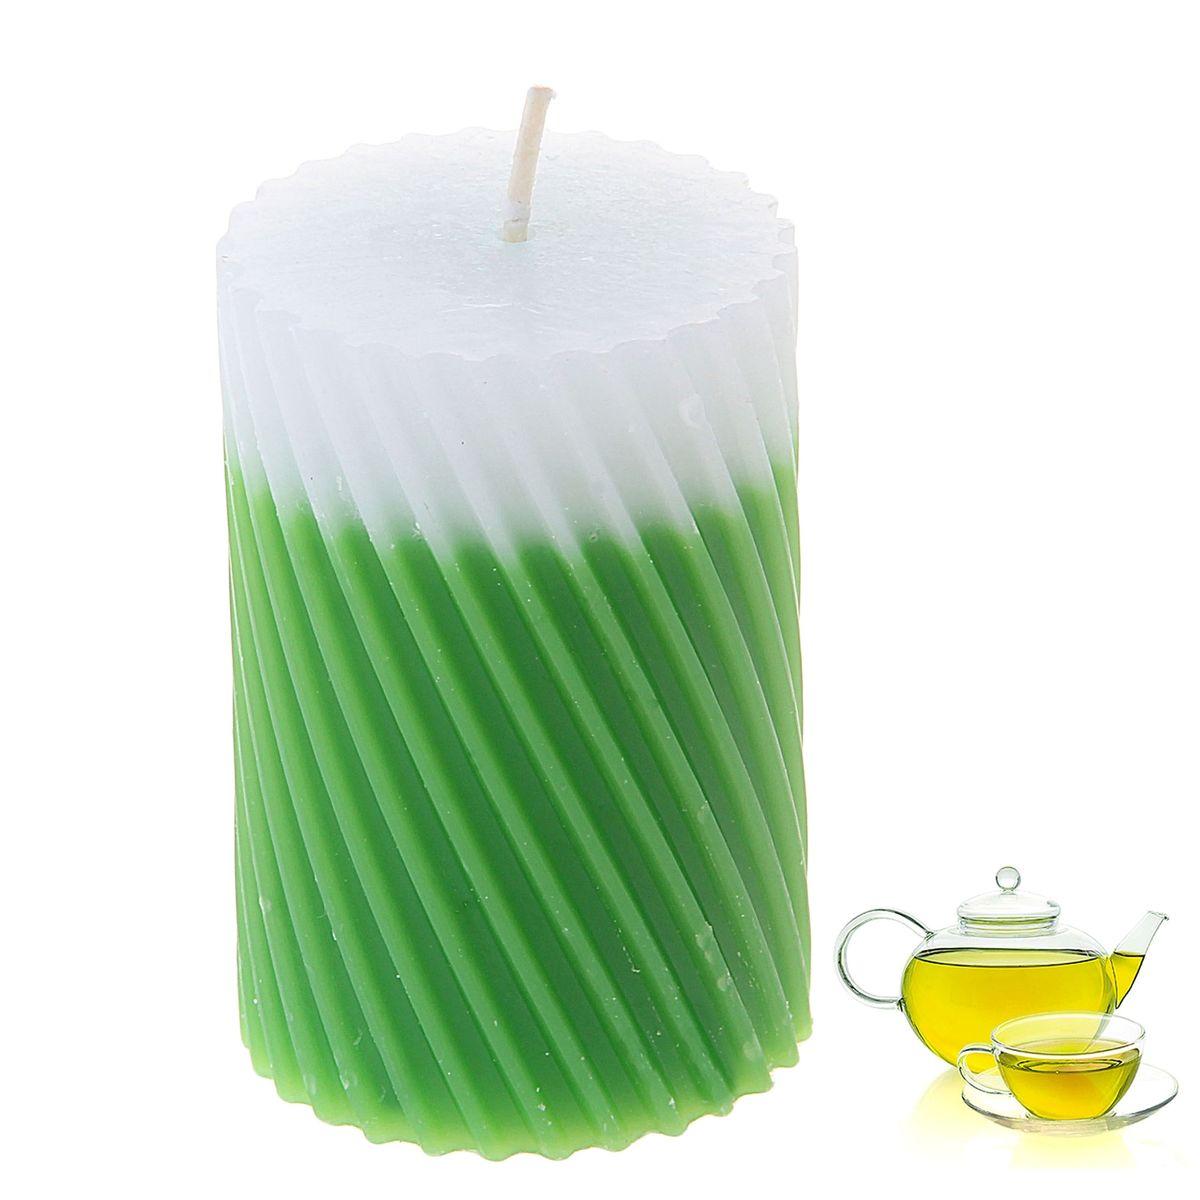 Свеча ароматизированная Sima-land Зеленый чай, высота 7,5 см. 849537849537Свеча Sima-land Зеленый чай выполнена из воска и оформлена резным рельефом. Свеча порадует ярким дизайном и приятным ароматом зеленого чая, который понравится как женщинам, так и мужчинам. Создайте для себя и своих близких незабываемую атмосферу праздника в доме. Ароматическая свеча Sima-land Зеленый чай раскрасит серые будни яркими красками.